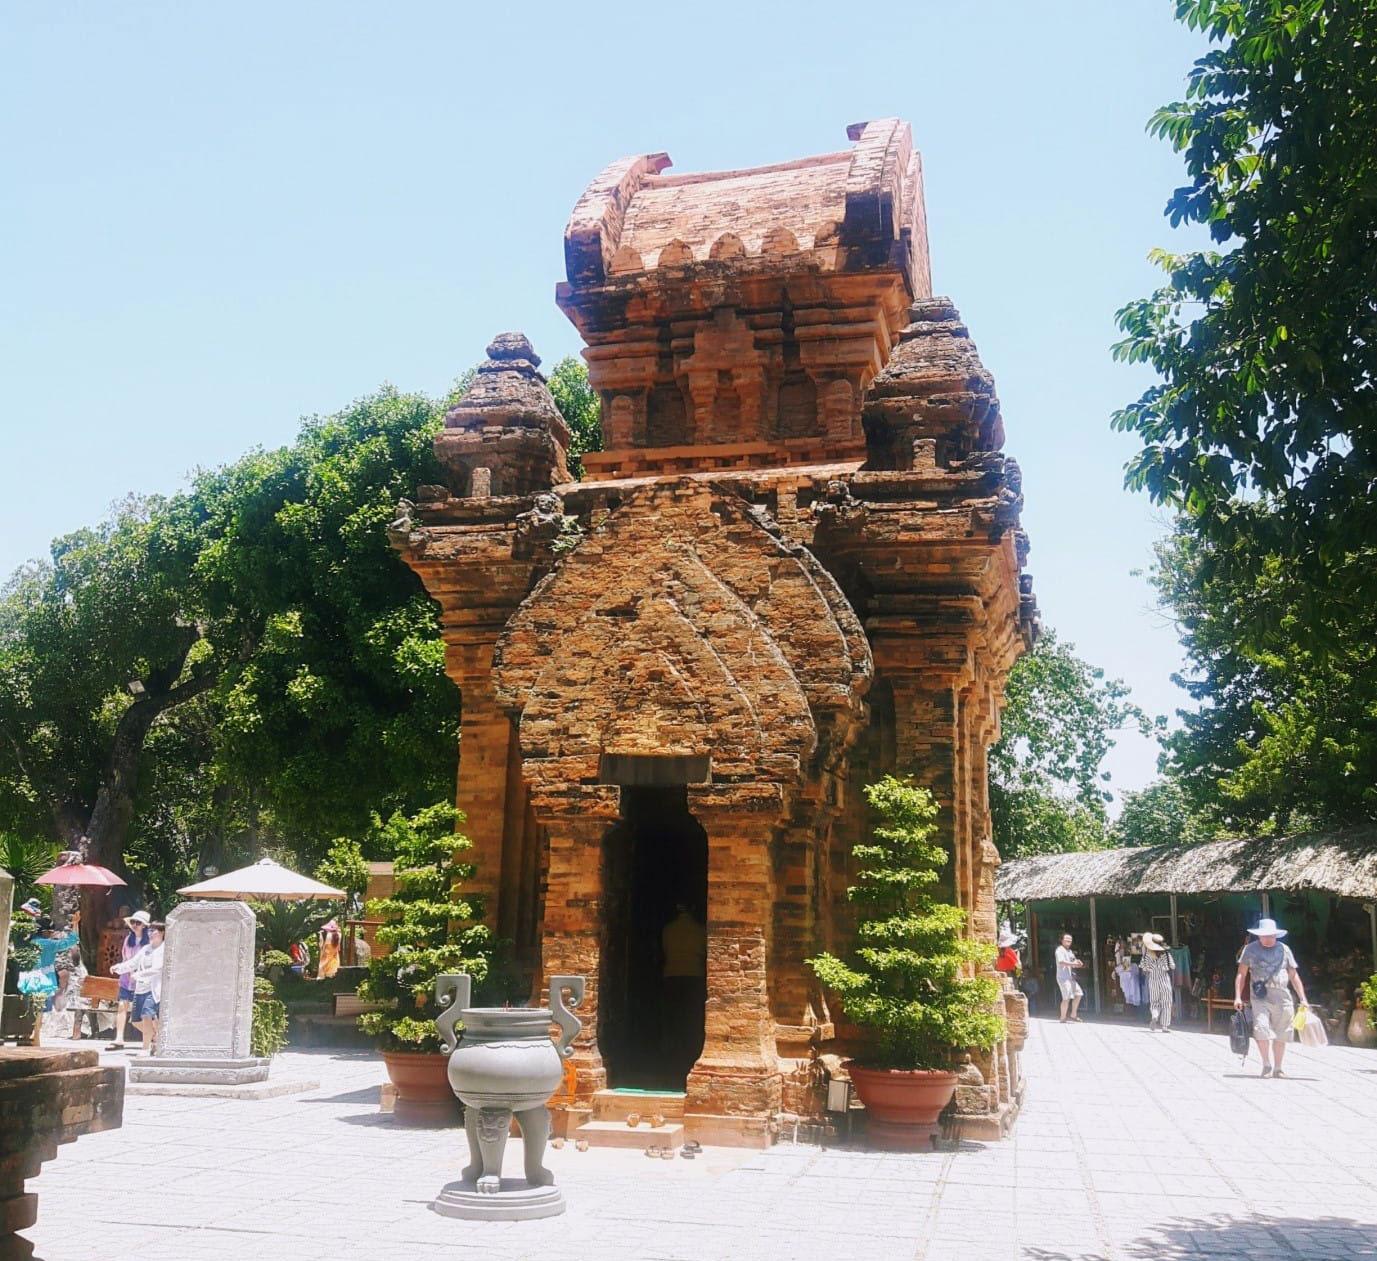 Du lịch Nha Trang để thấy Việt Nam đẹp mê đắm thế nào? - 28